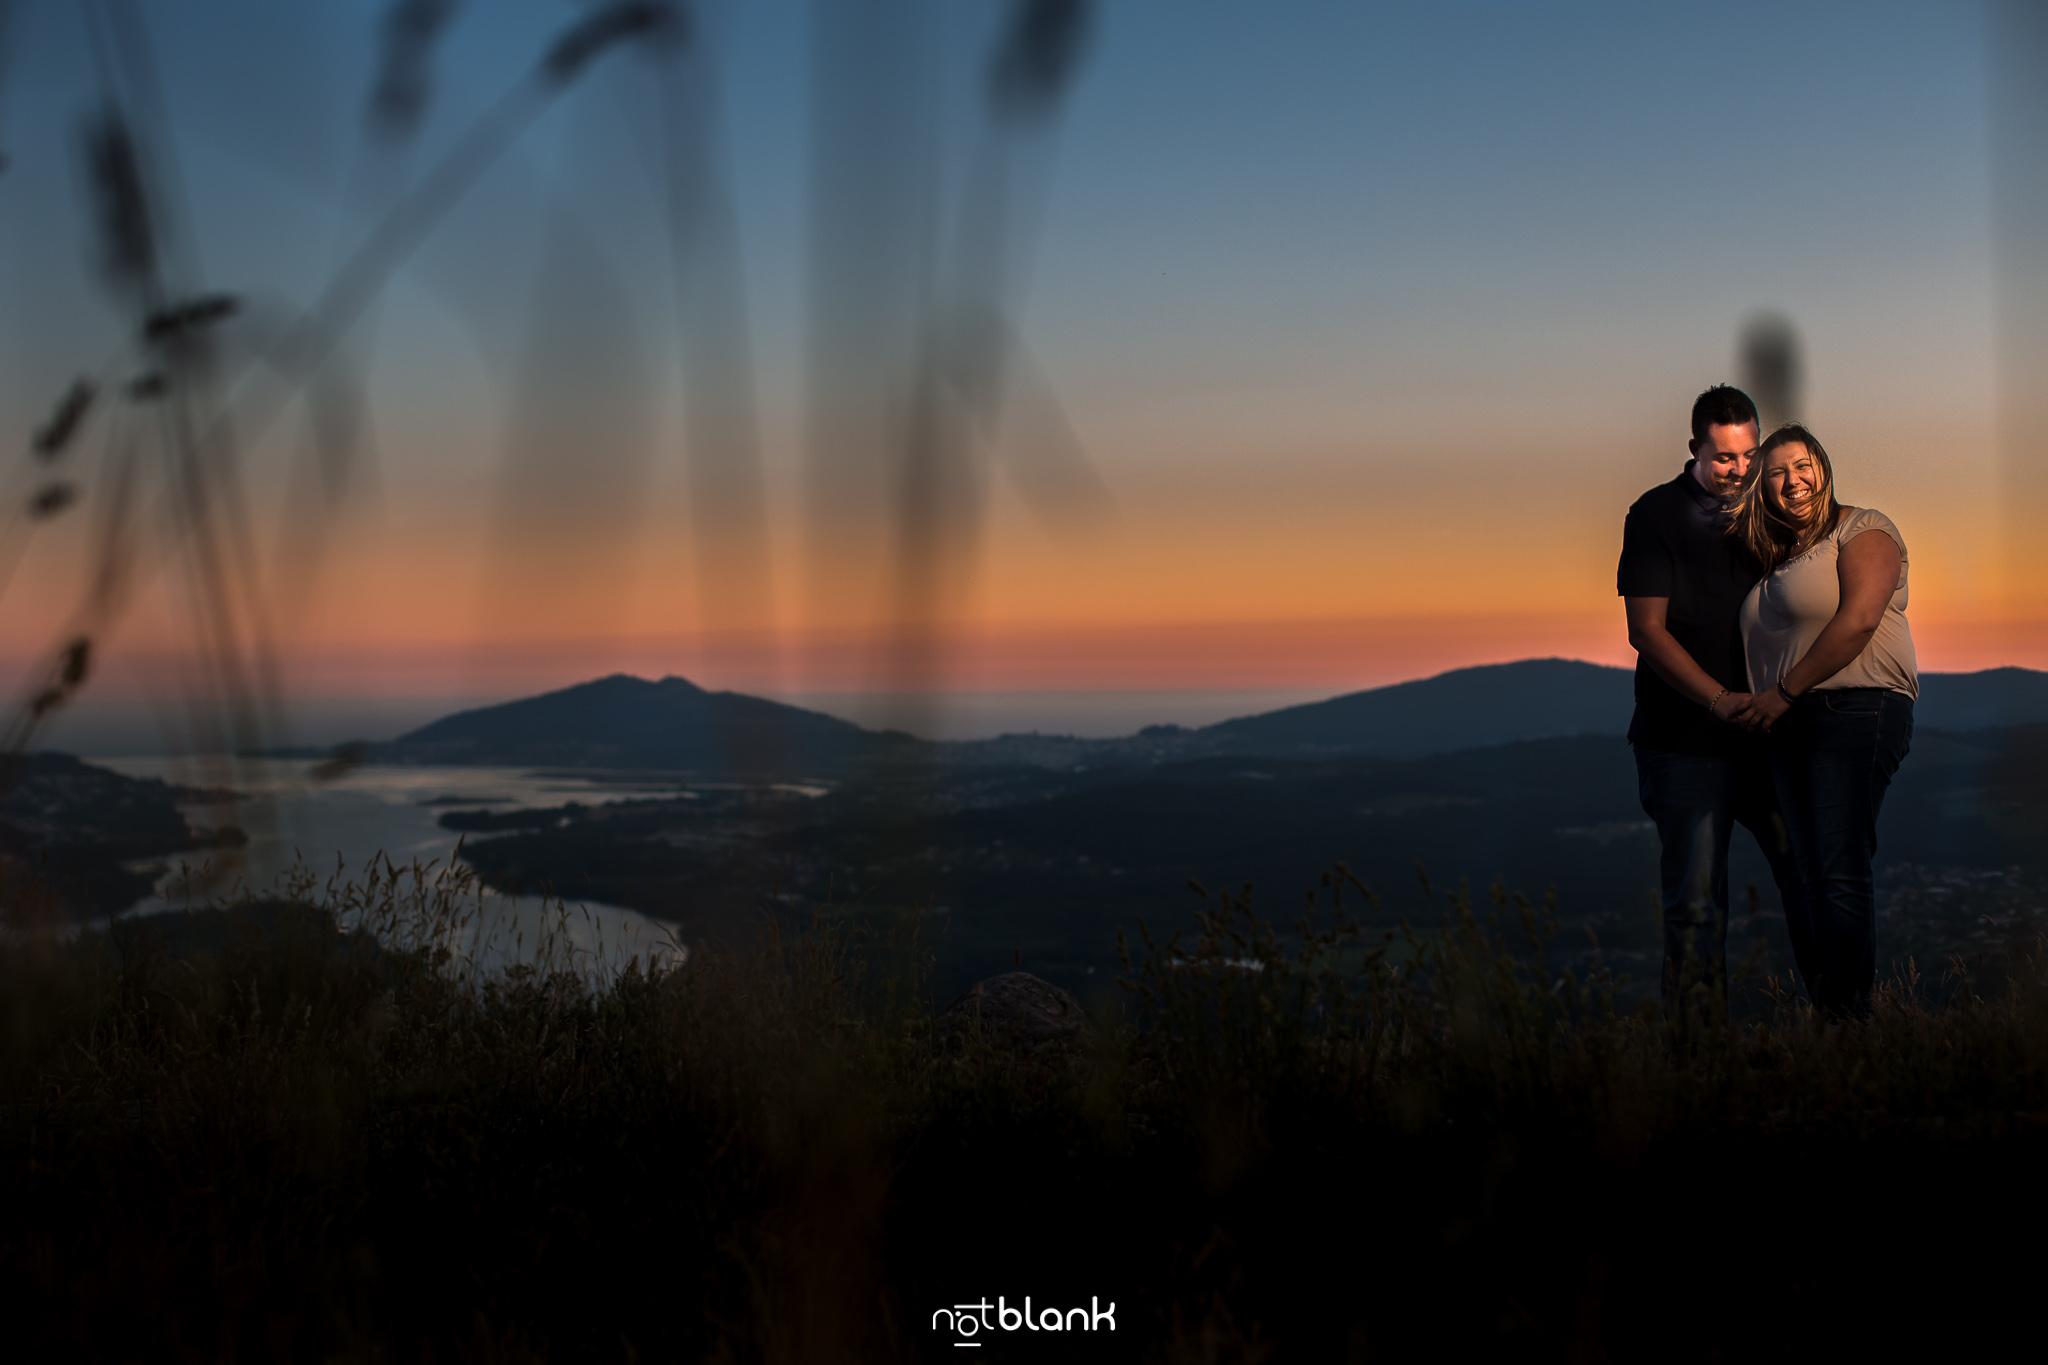 Preboda-Internacional-Portugal-Fotografo-De-Boda-Tui-Vigo-Valenca-Do-Minho